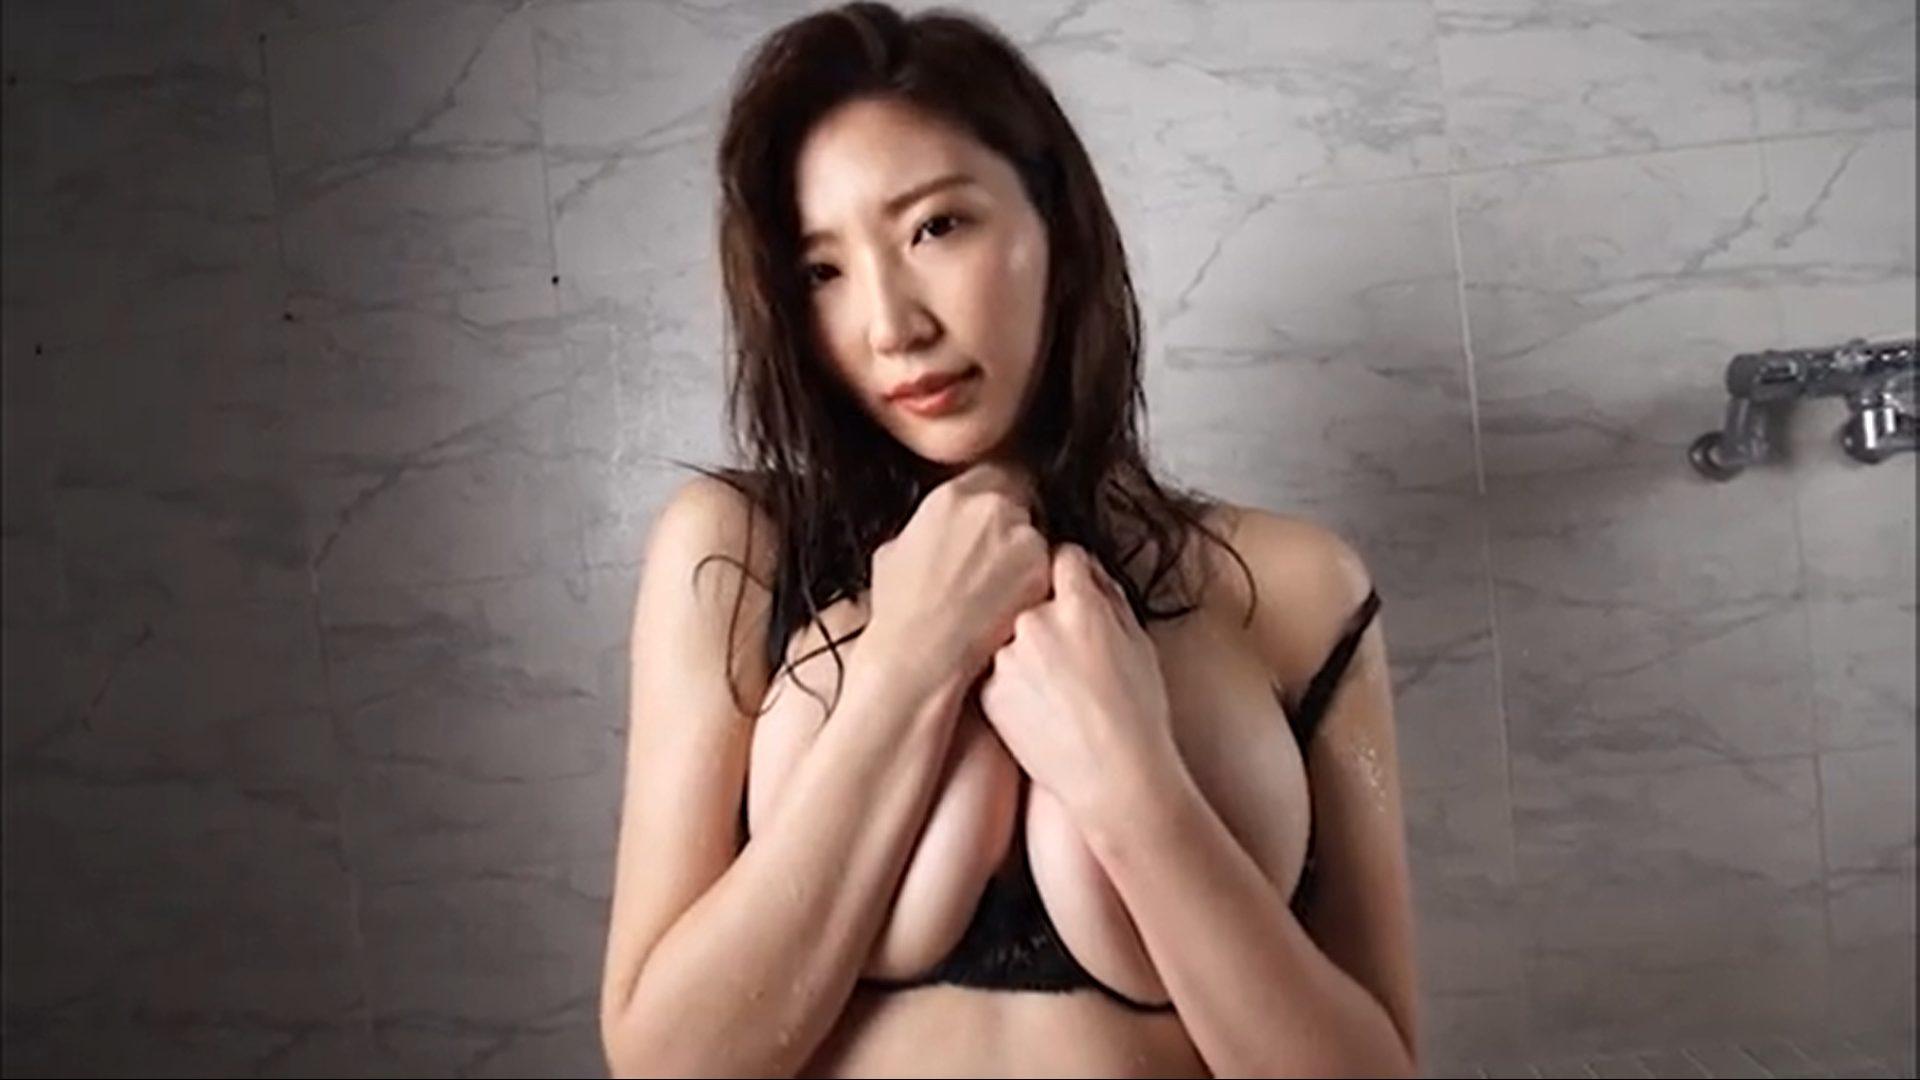 【松嶋えいみ】Fカップ26 「元カノはえいみ」サンプル動画